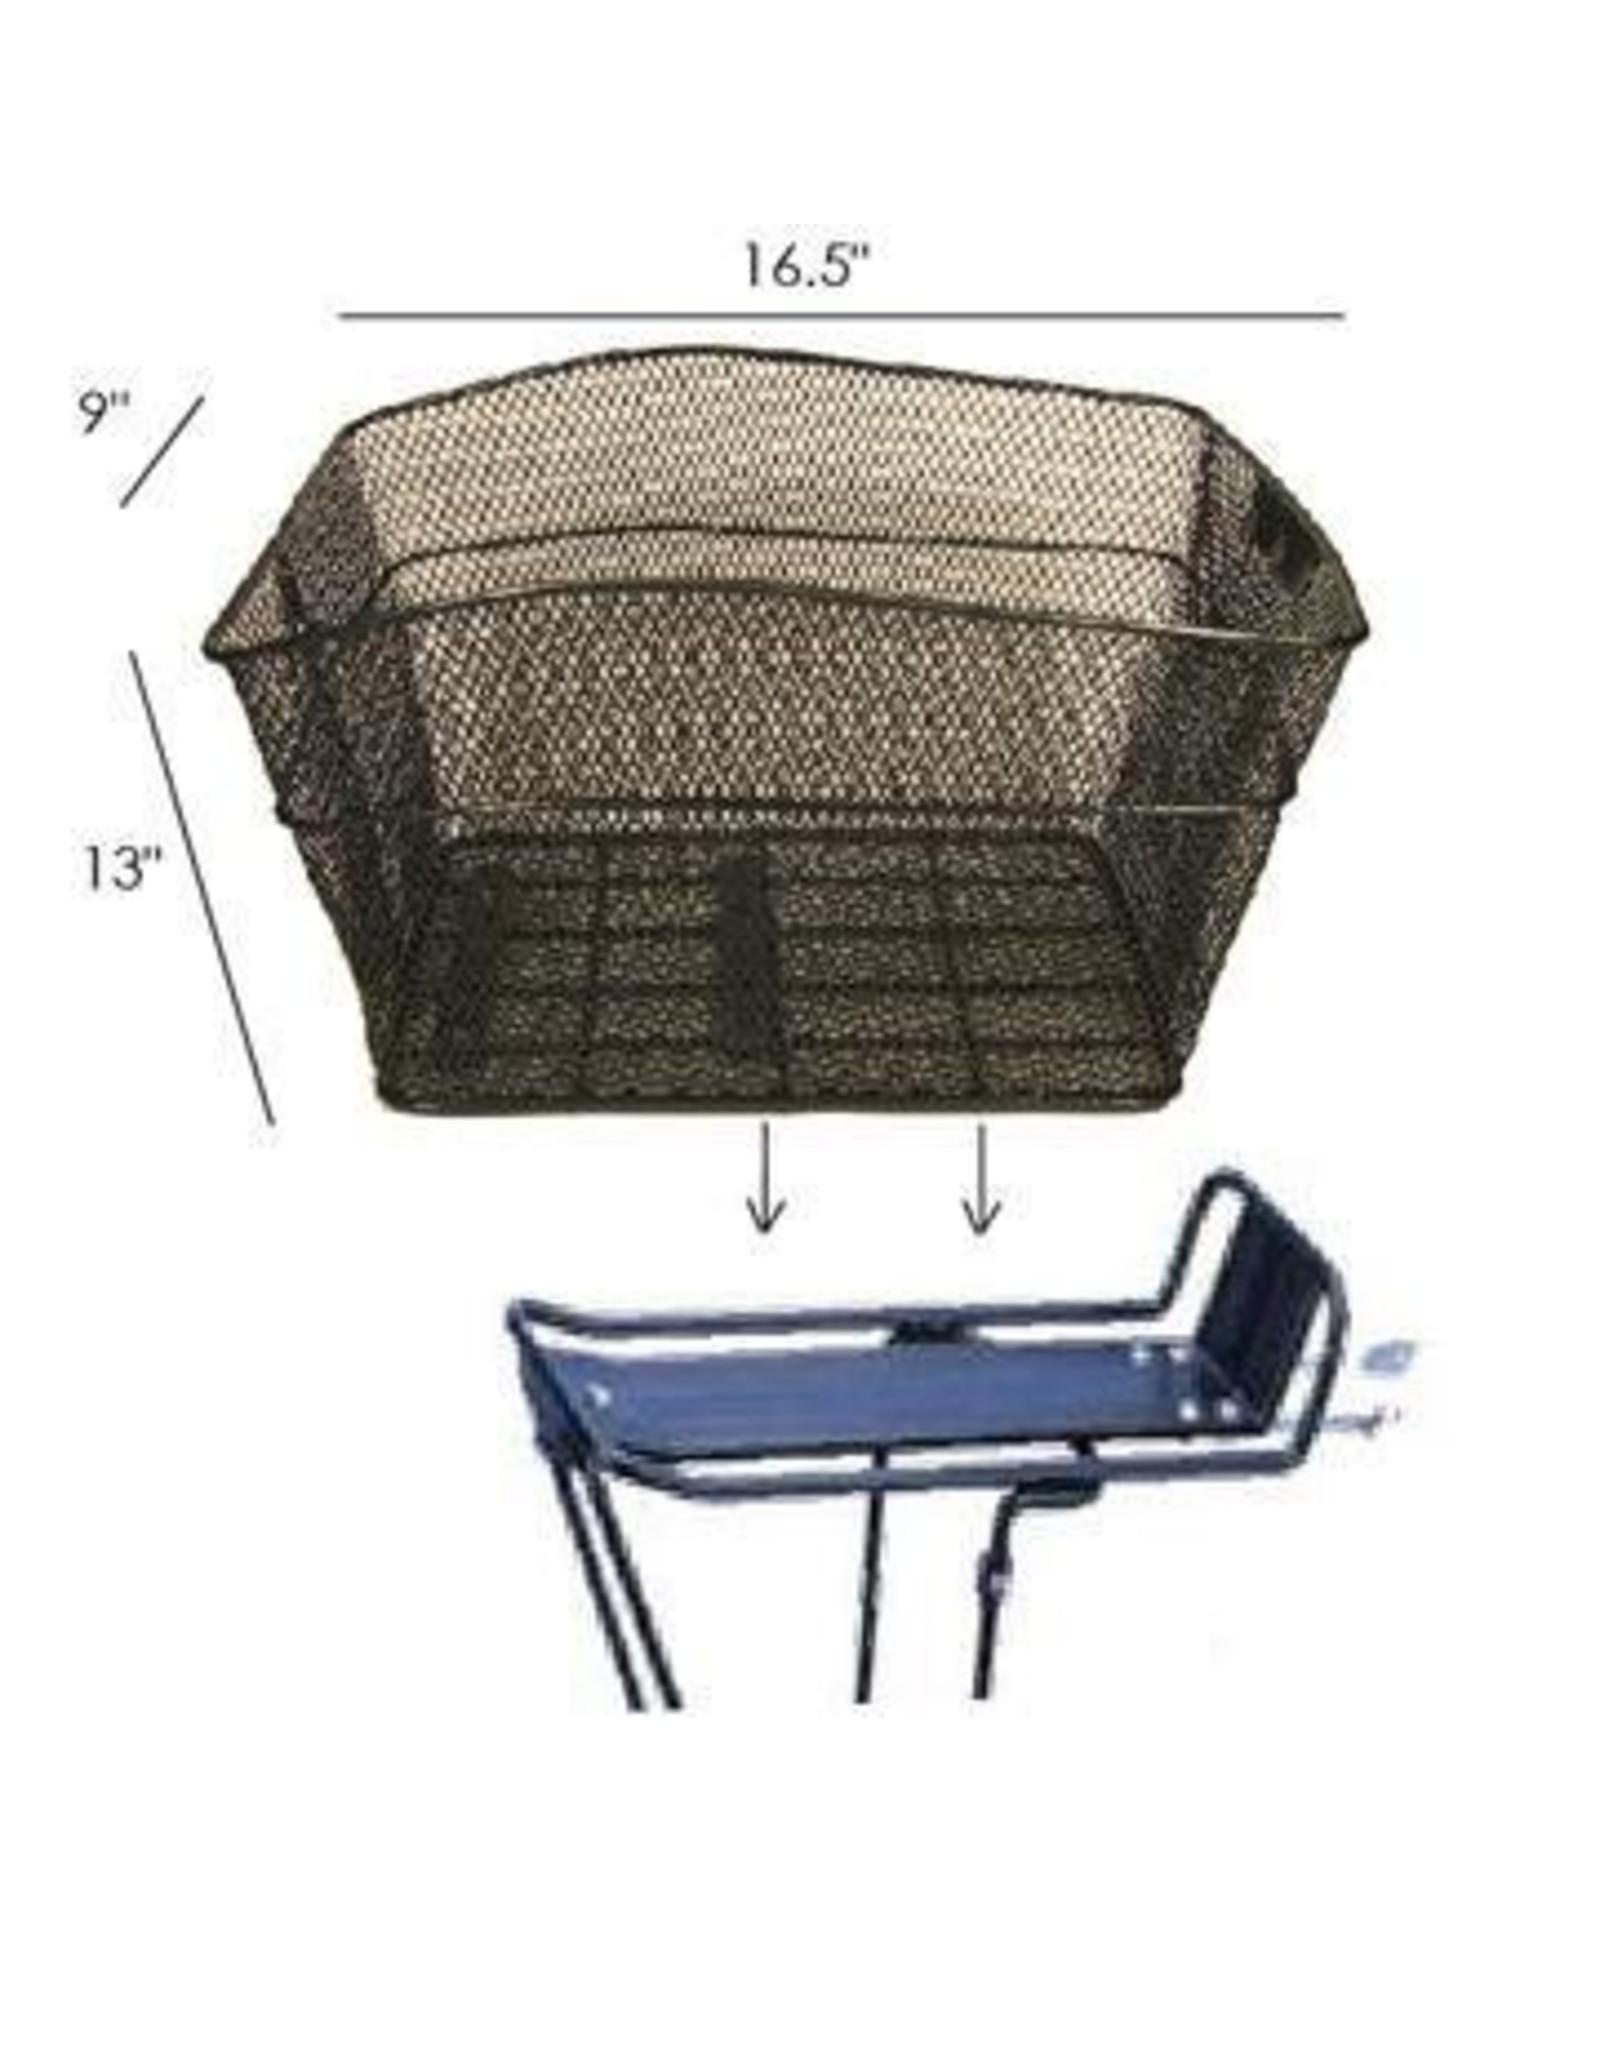 WALD Rear Basket